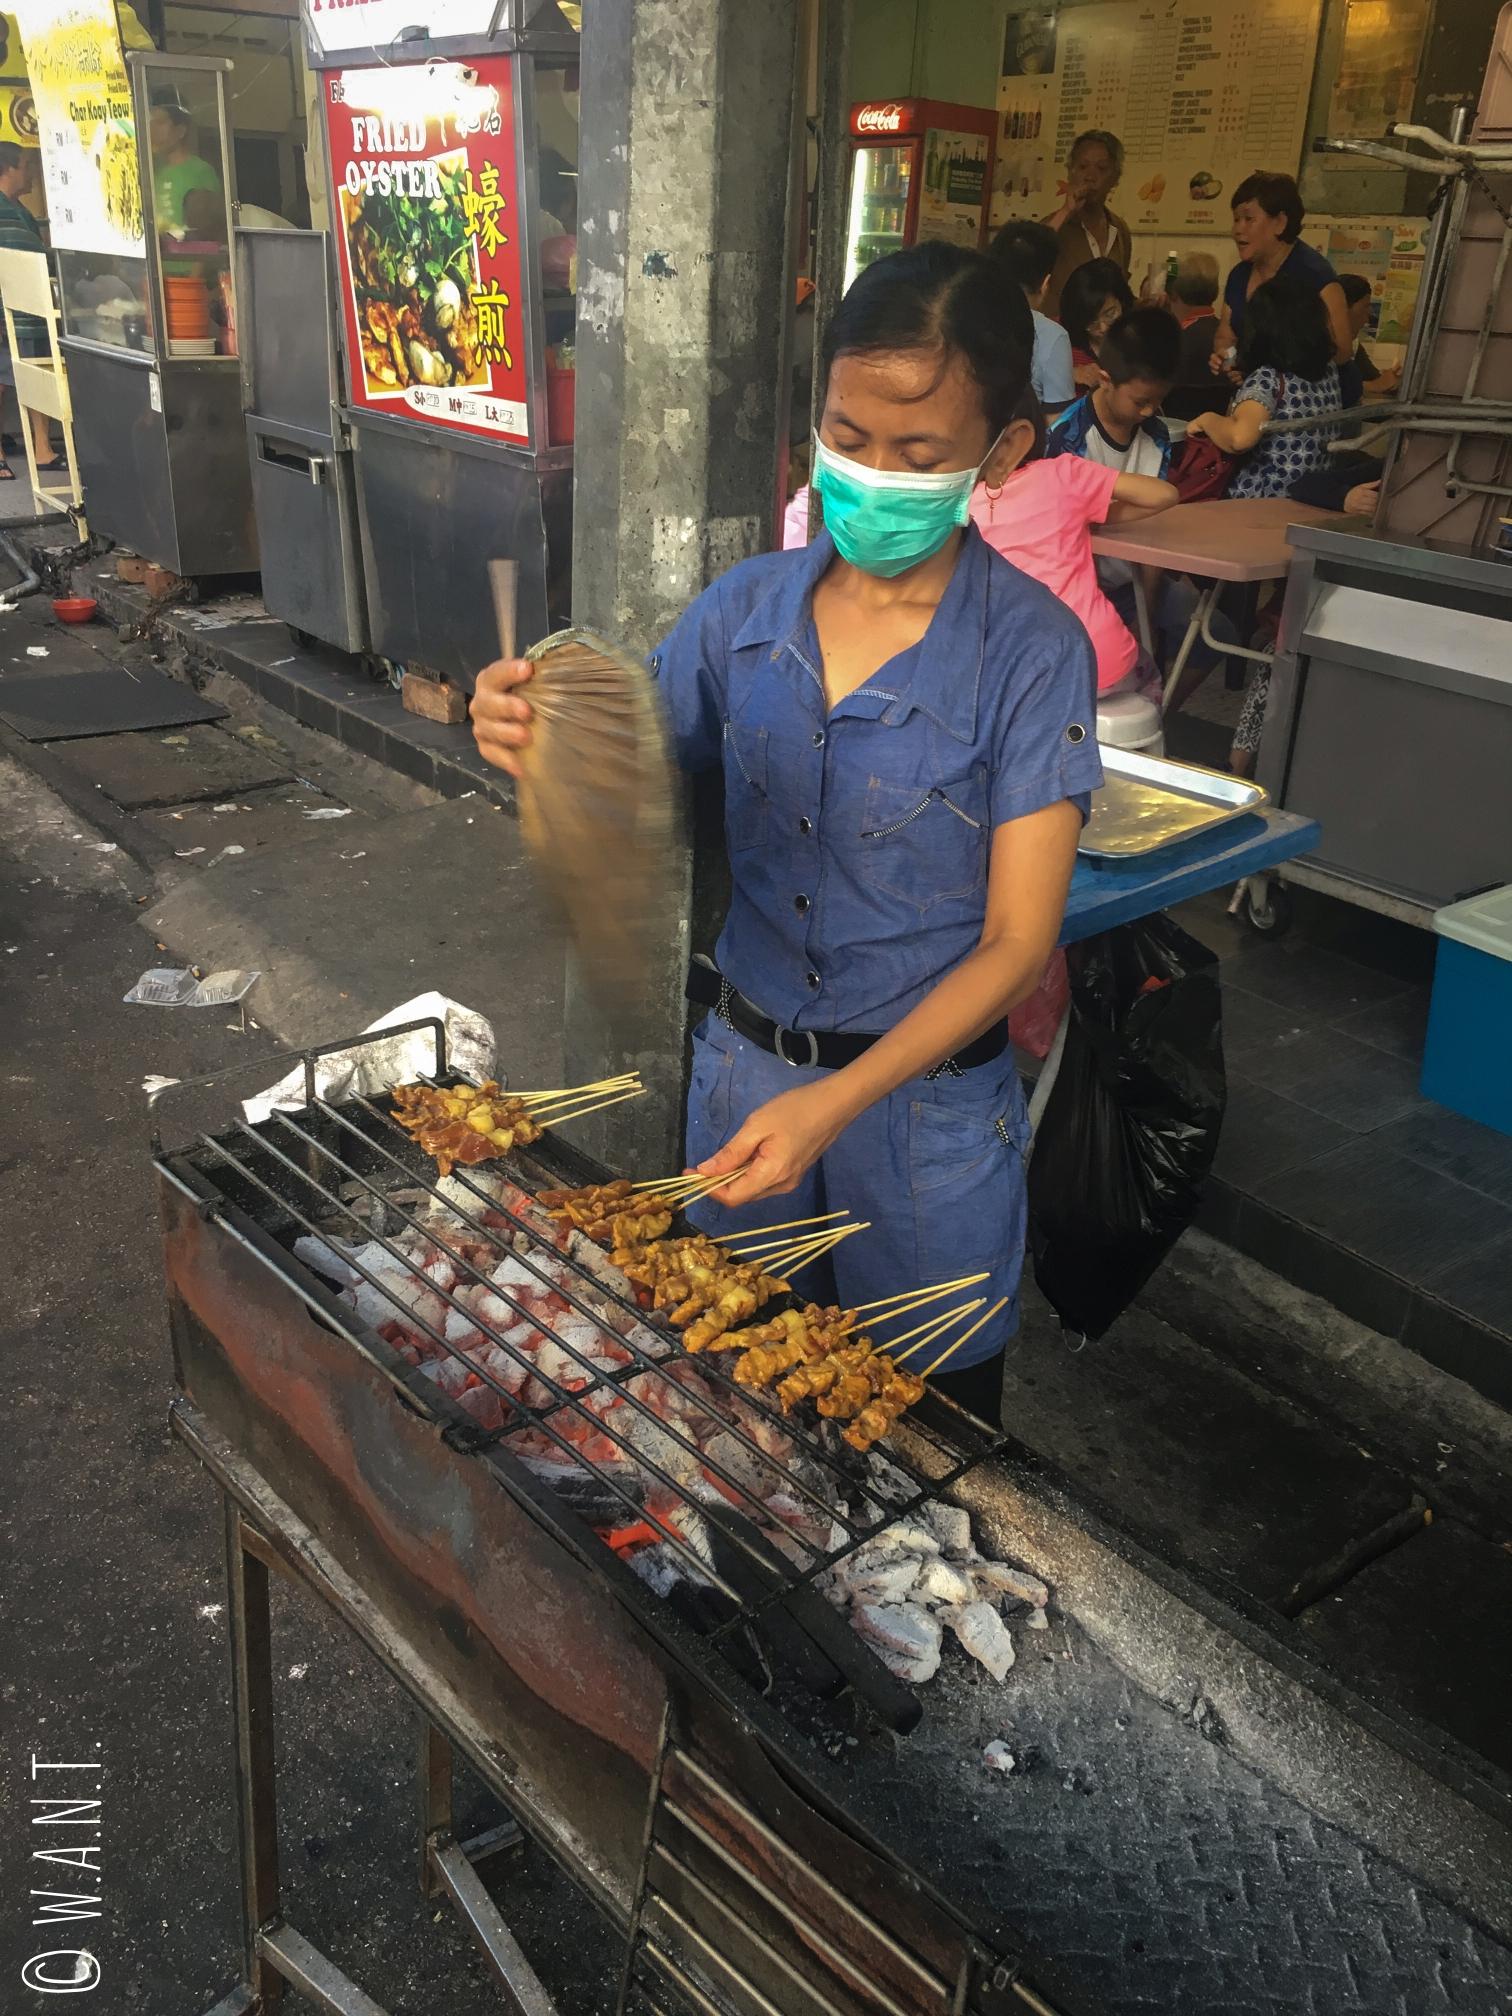 Stand de satay dans la rue Kimberley street de Georgetown à Penang